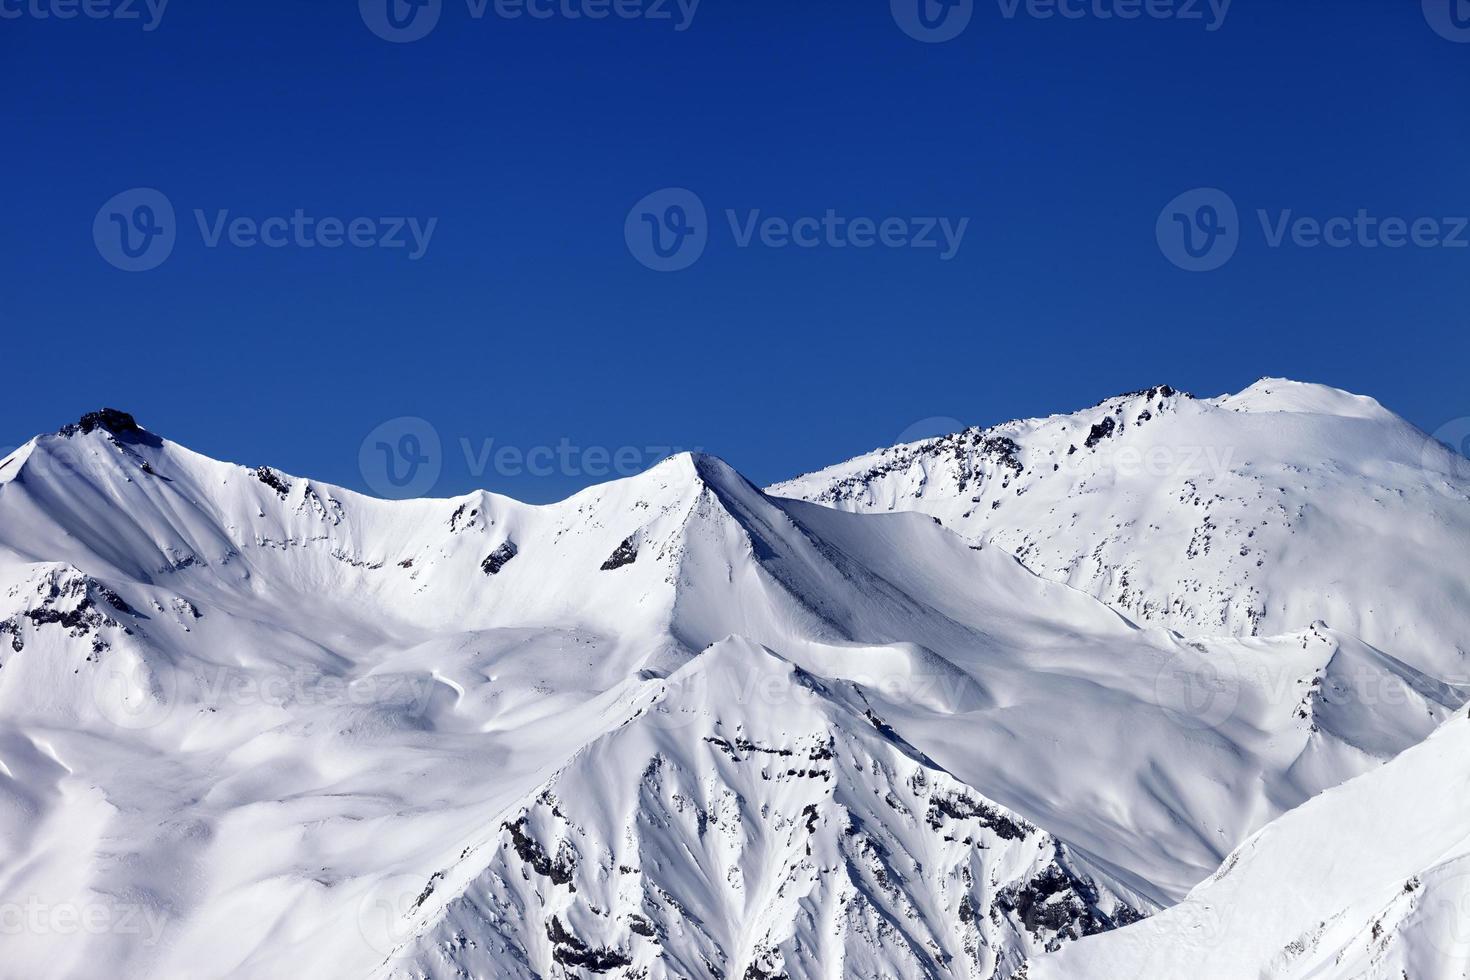 fora da pista com neve e céu azul claro foto